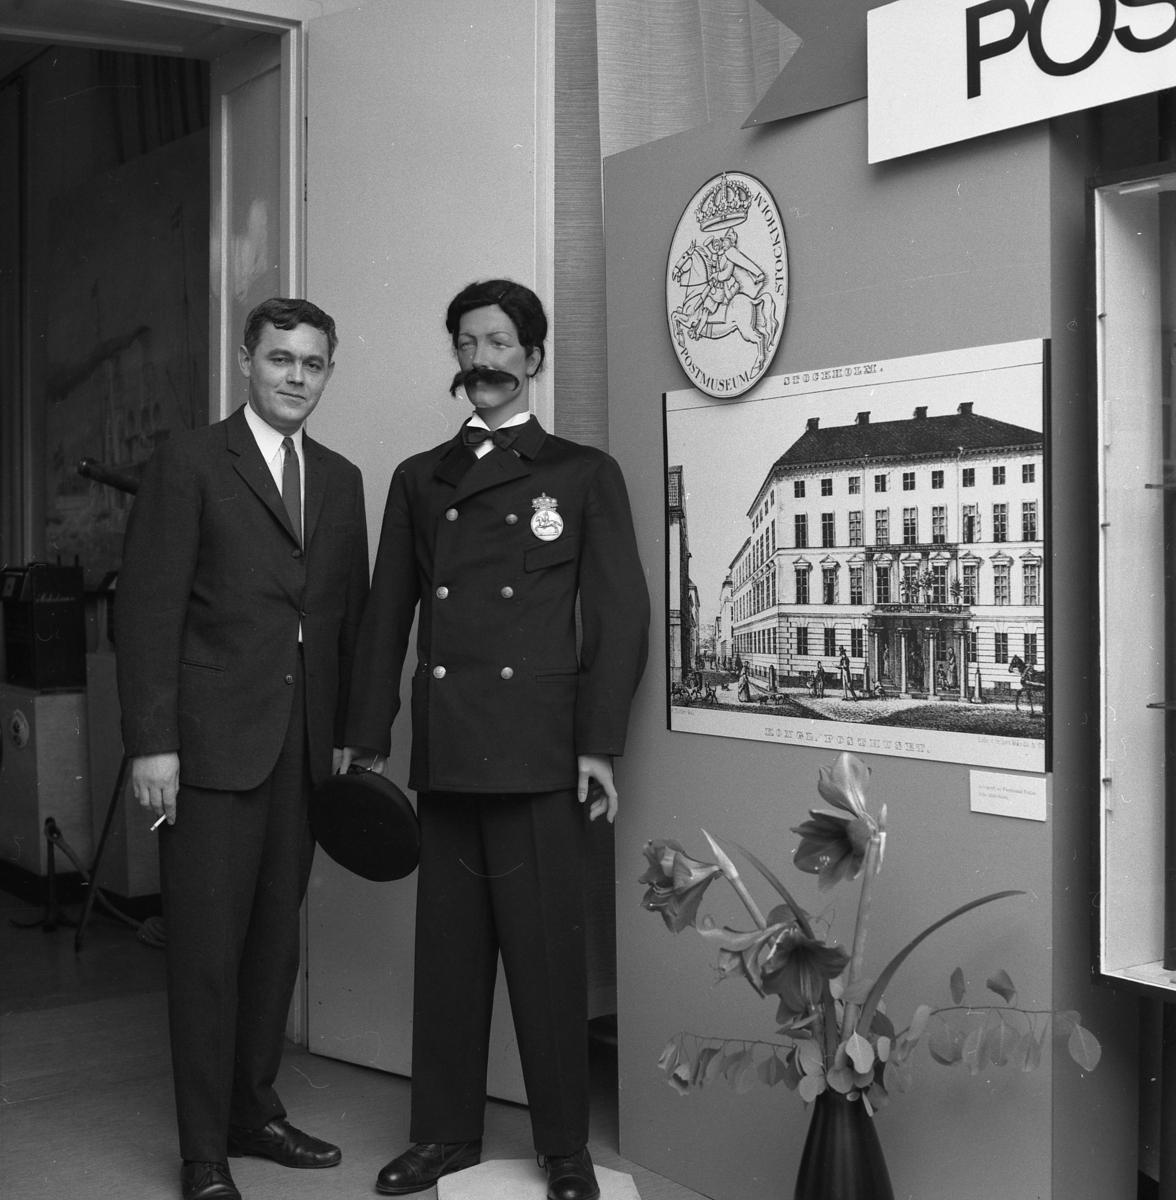 """Reklamtecknare Anders Gullberg, som komponerat utställningen """"Postmuseum 60 år"""", poserar här vid en docka i dåvarande receptionsrummet."""